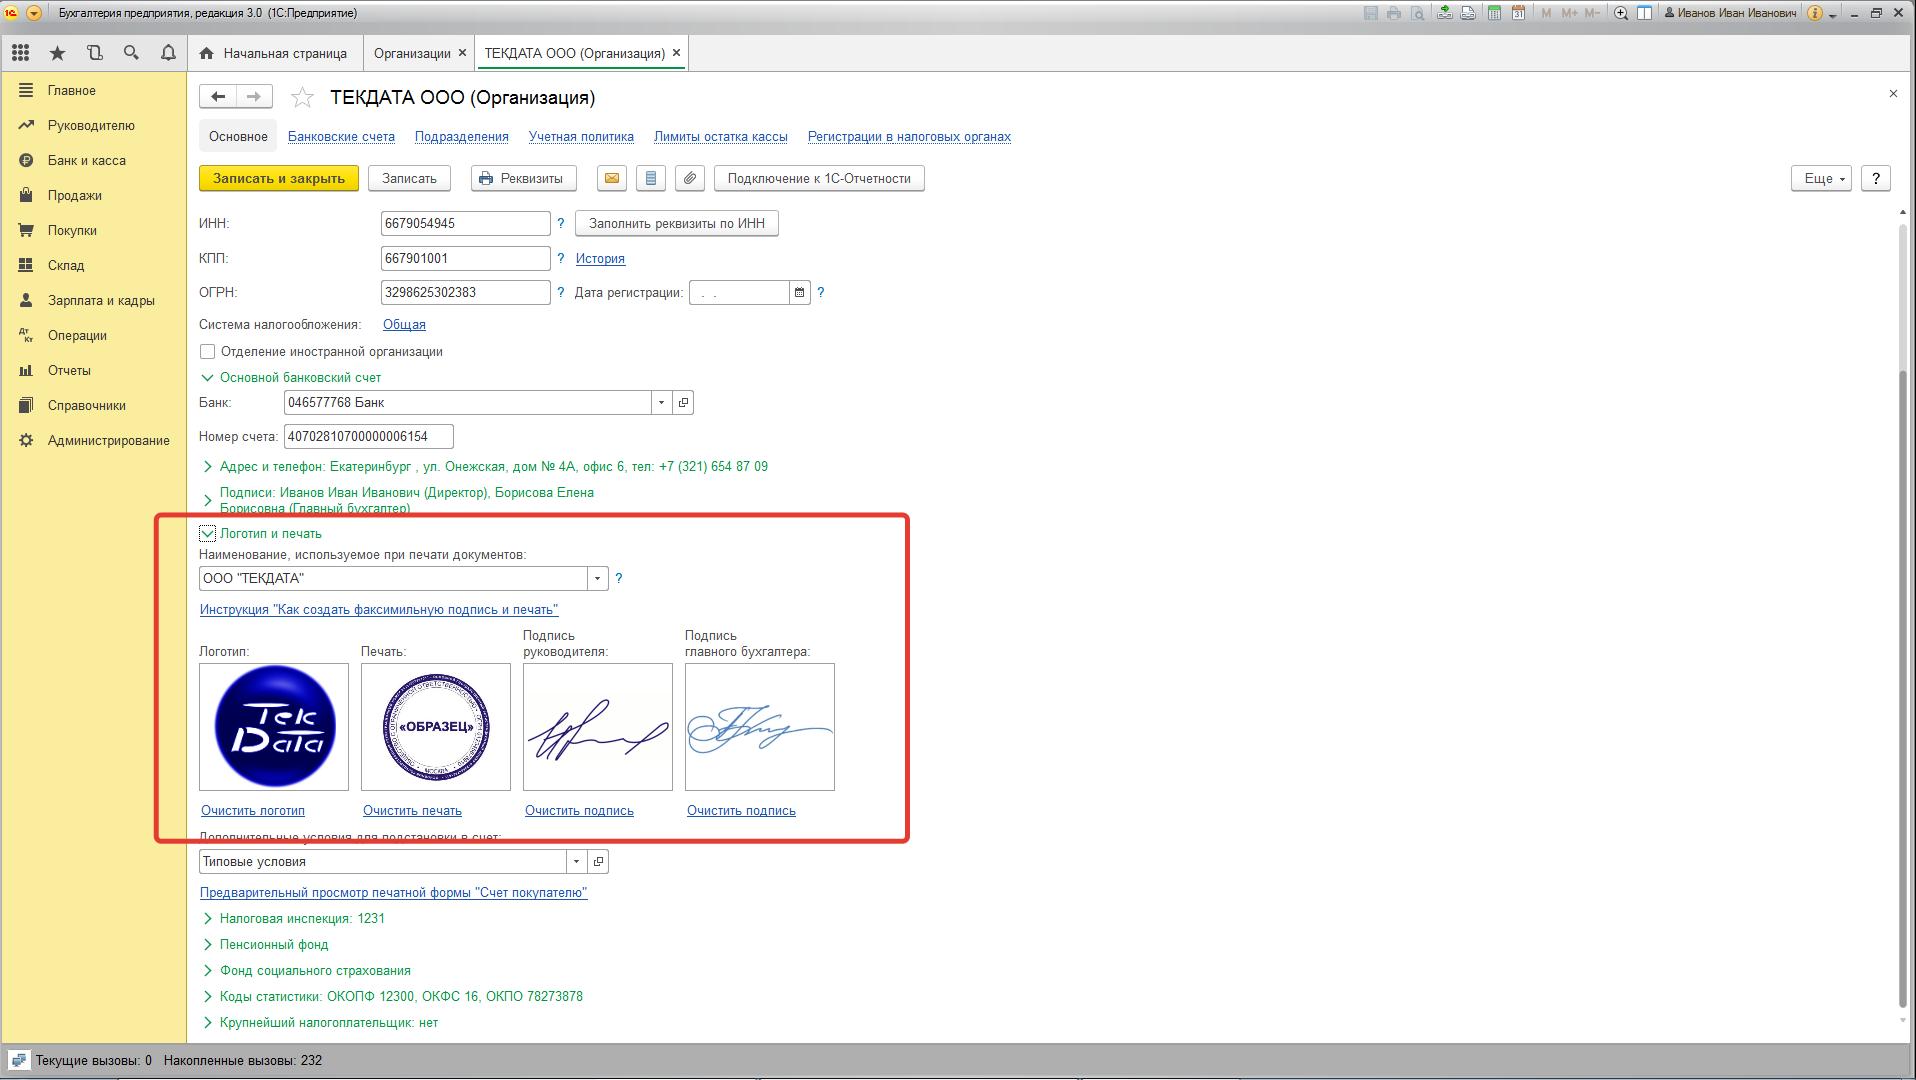 Счет-договор для заказа покупателя (с возможностью вывода логотипа, подписей и печати) для 1С БП 3.0 (Внешняя печатная форма) | tekdata.ru